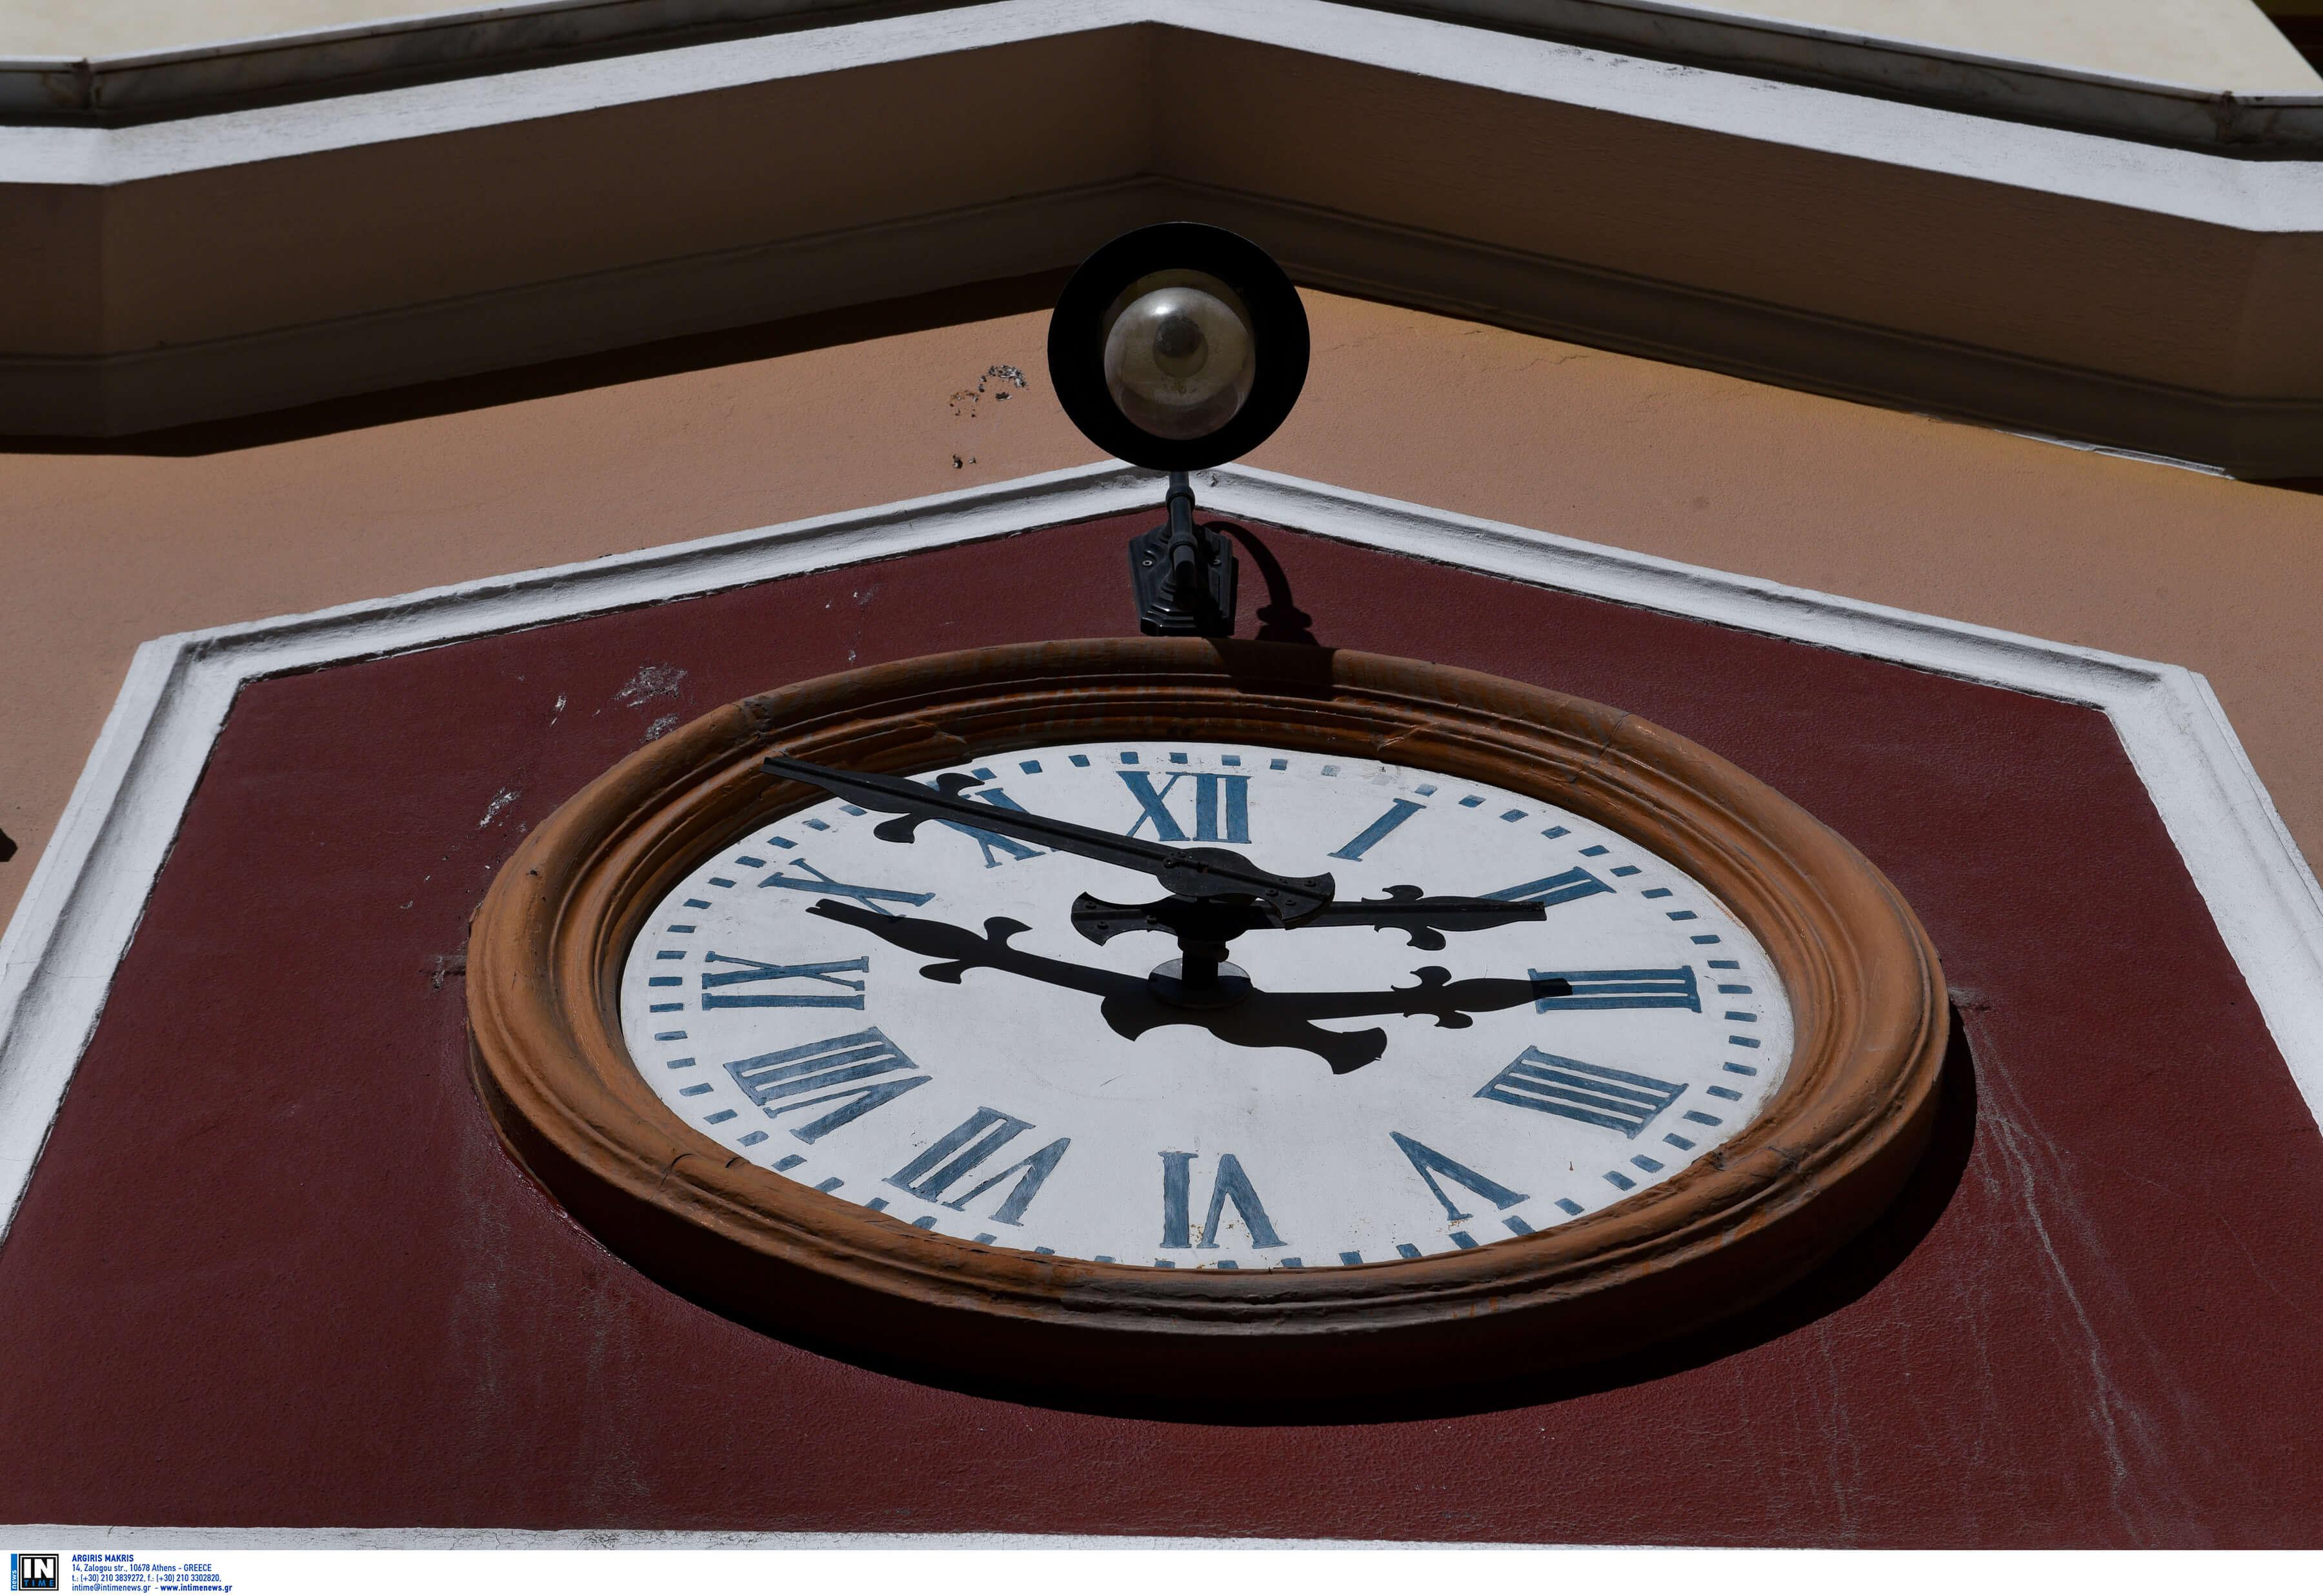 Αλλαγή ώρας 2020: Πότε γυρίζουμε τα ρολόγια μία ώρα μπροστά